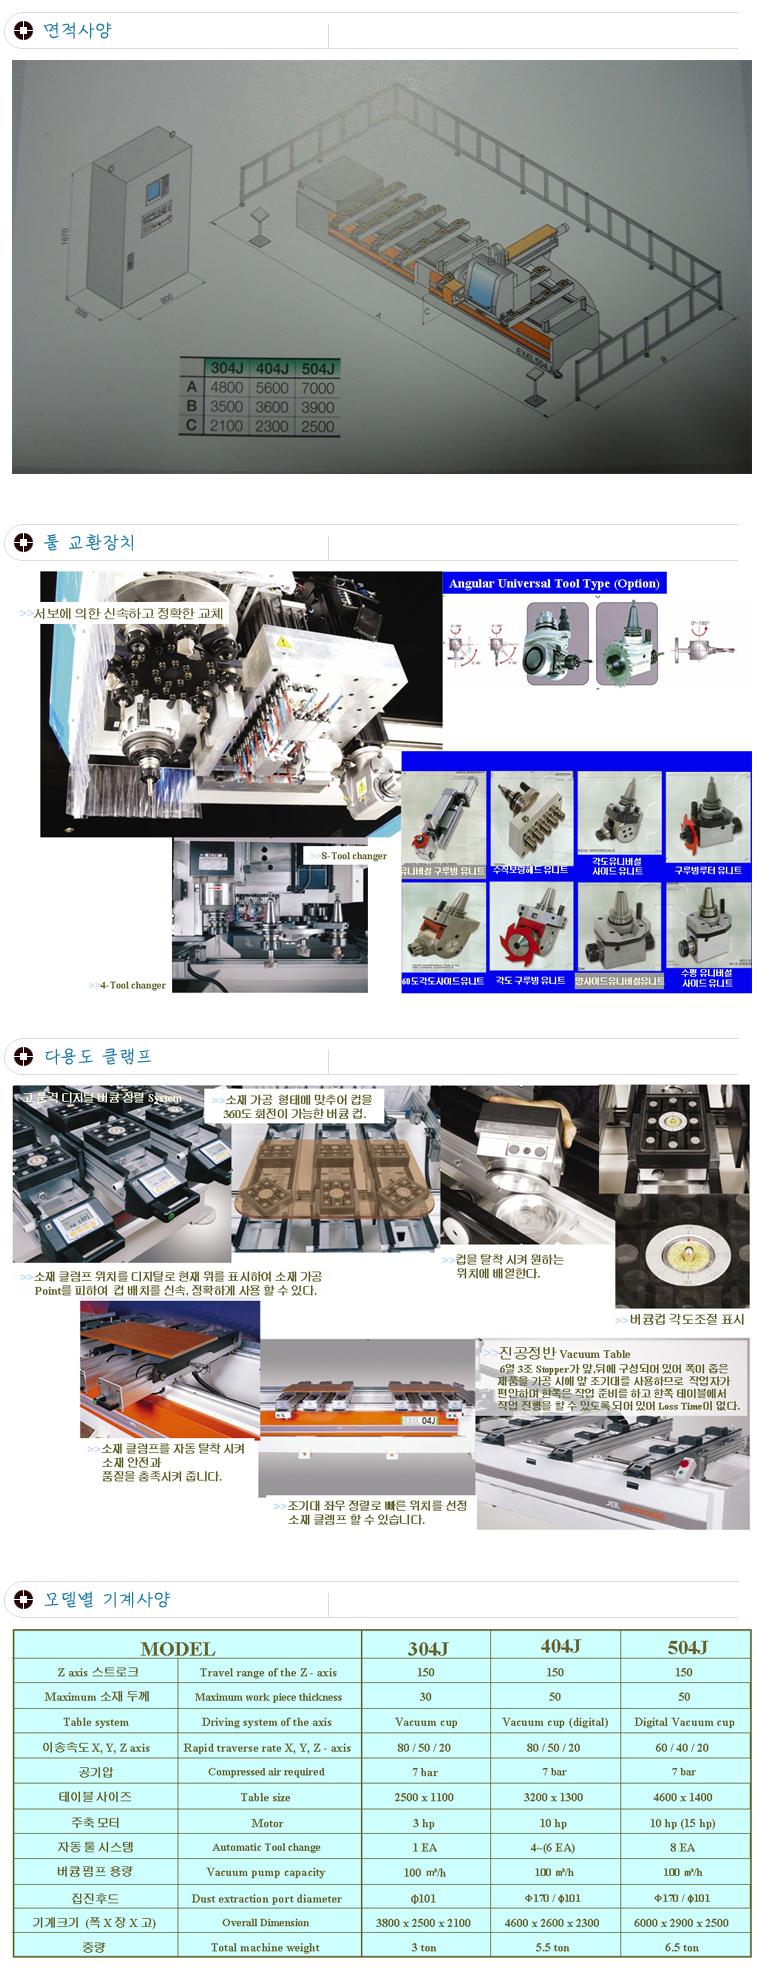 (주)성화우드라인 포인트보링기 EXEL-304J 1